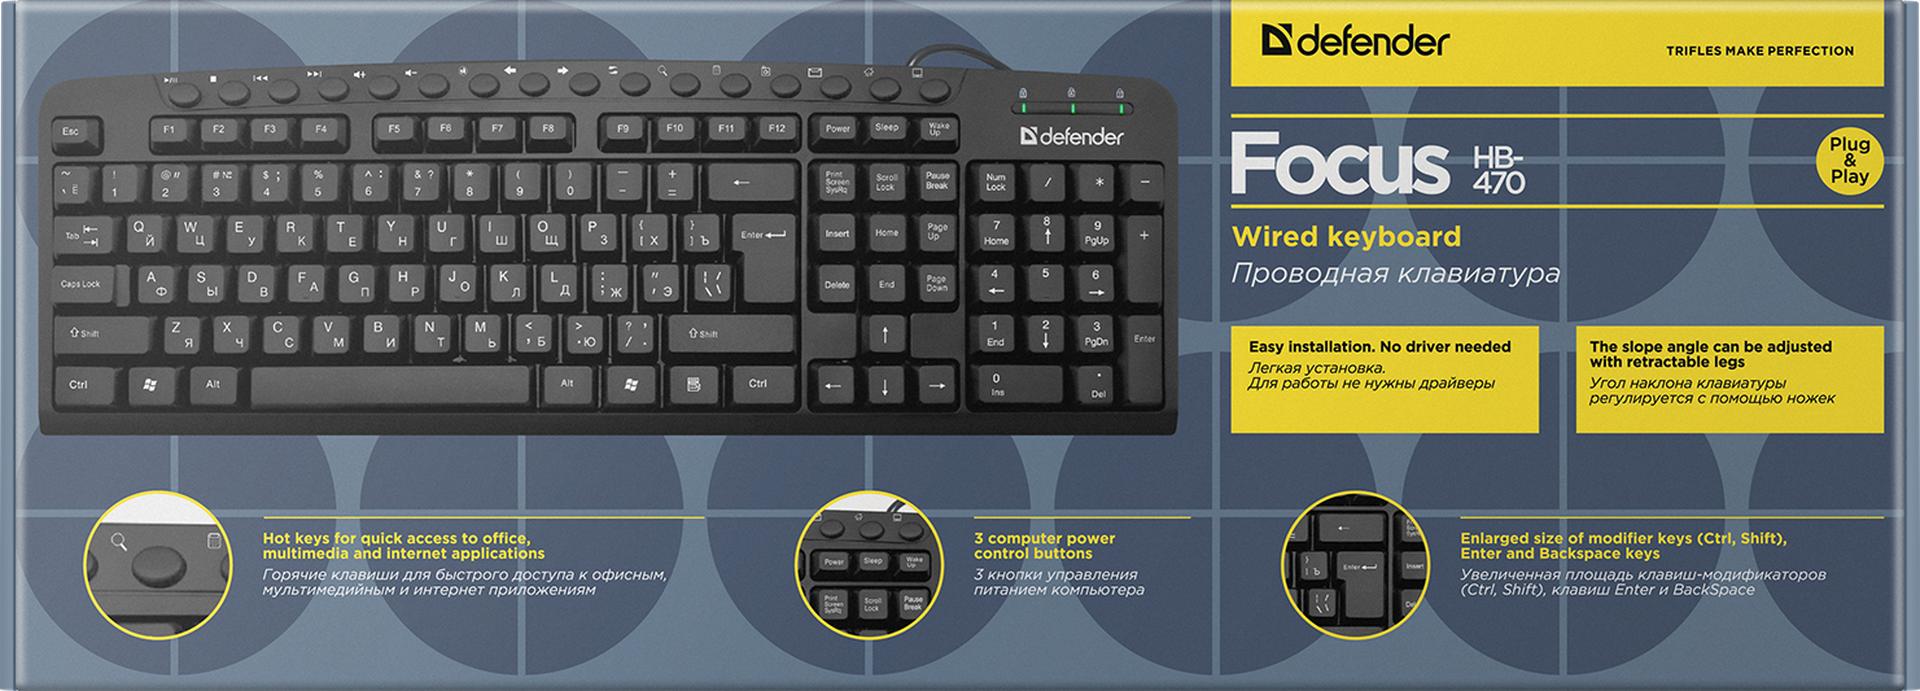 Клавиатура Defender Focus HB-470 RU, мультимедиа для PC (черный) (45470)